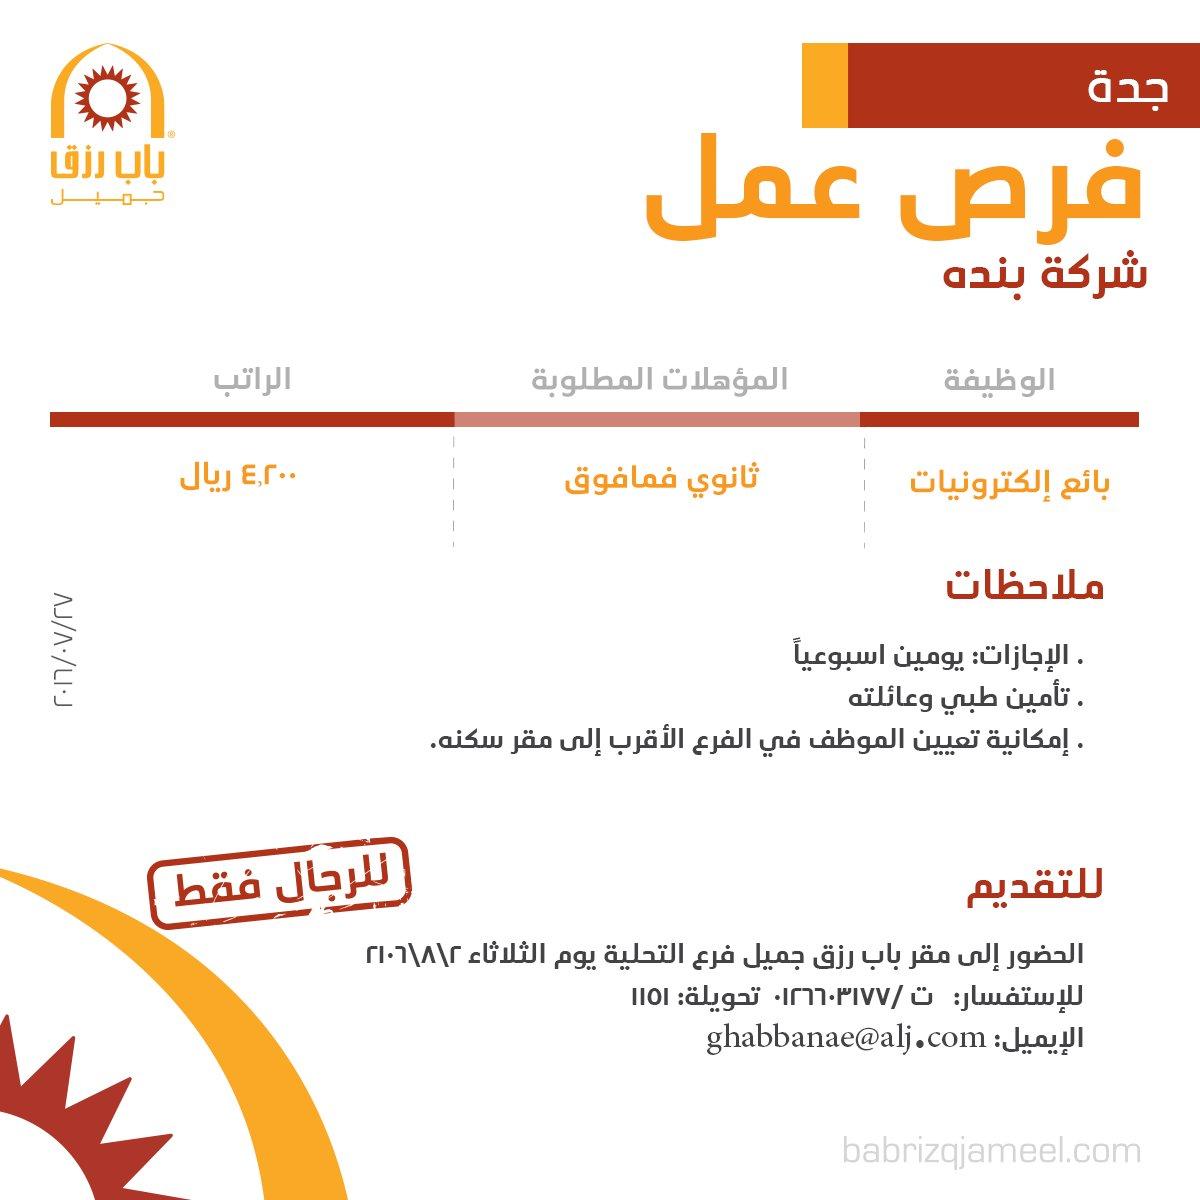 غدا الثلاثاء التقديم على وظيفة بائع إلكترونيات في شركة بنده - جدة